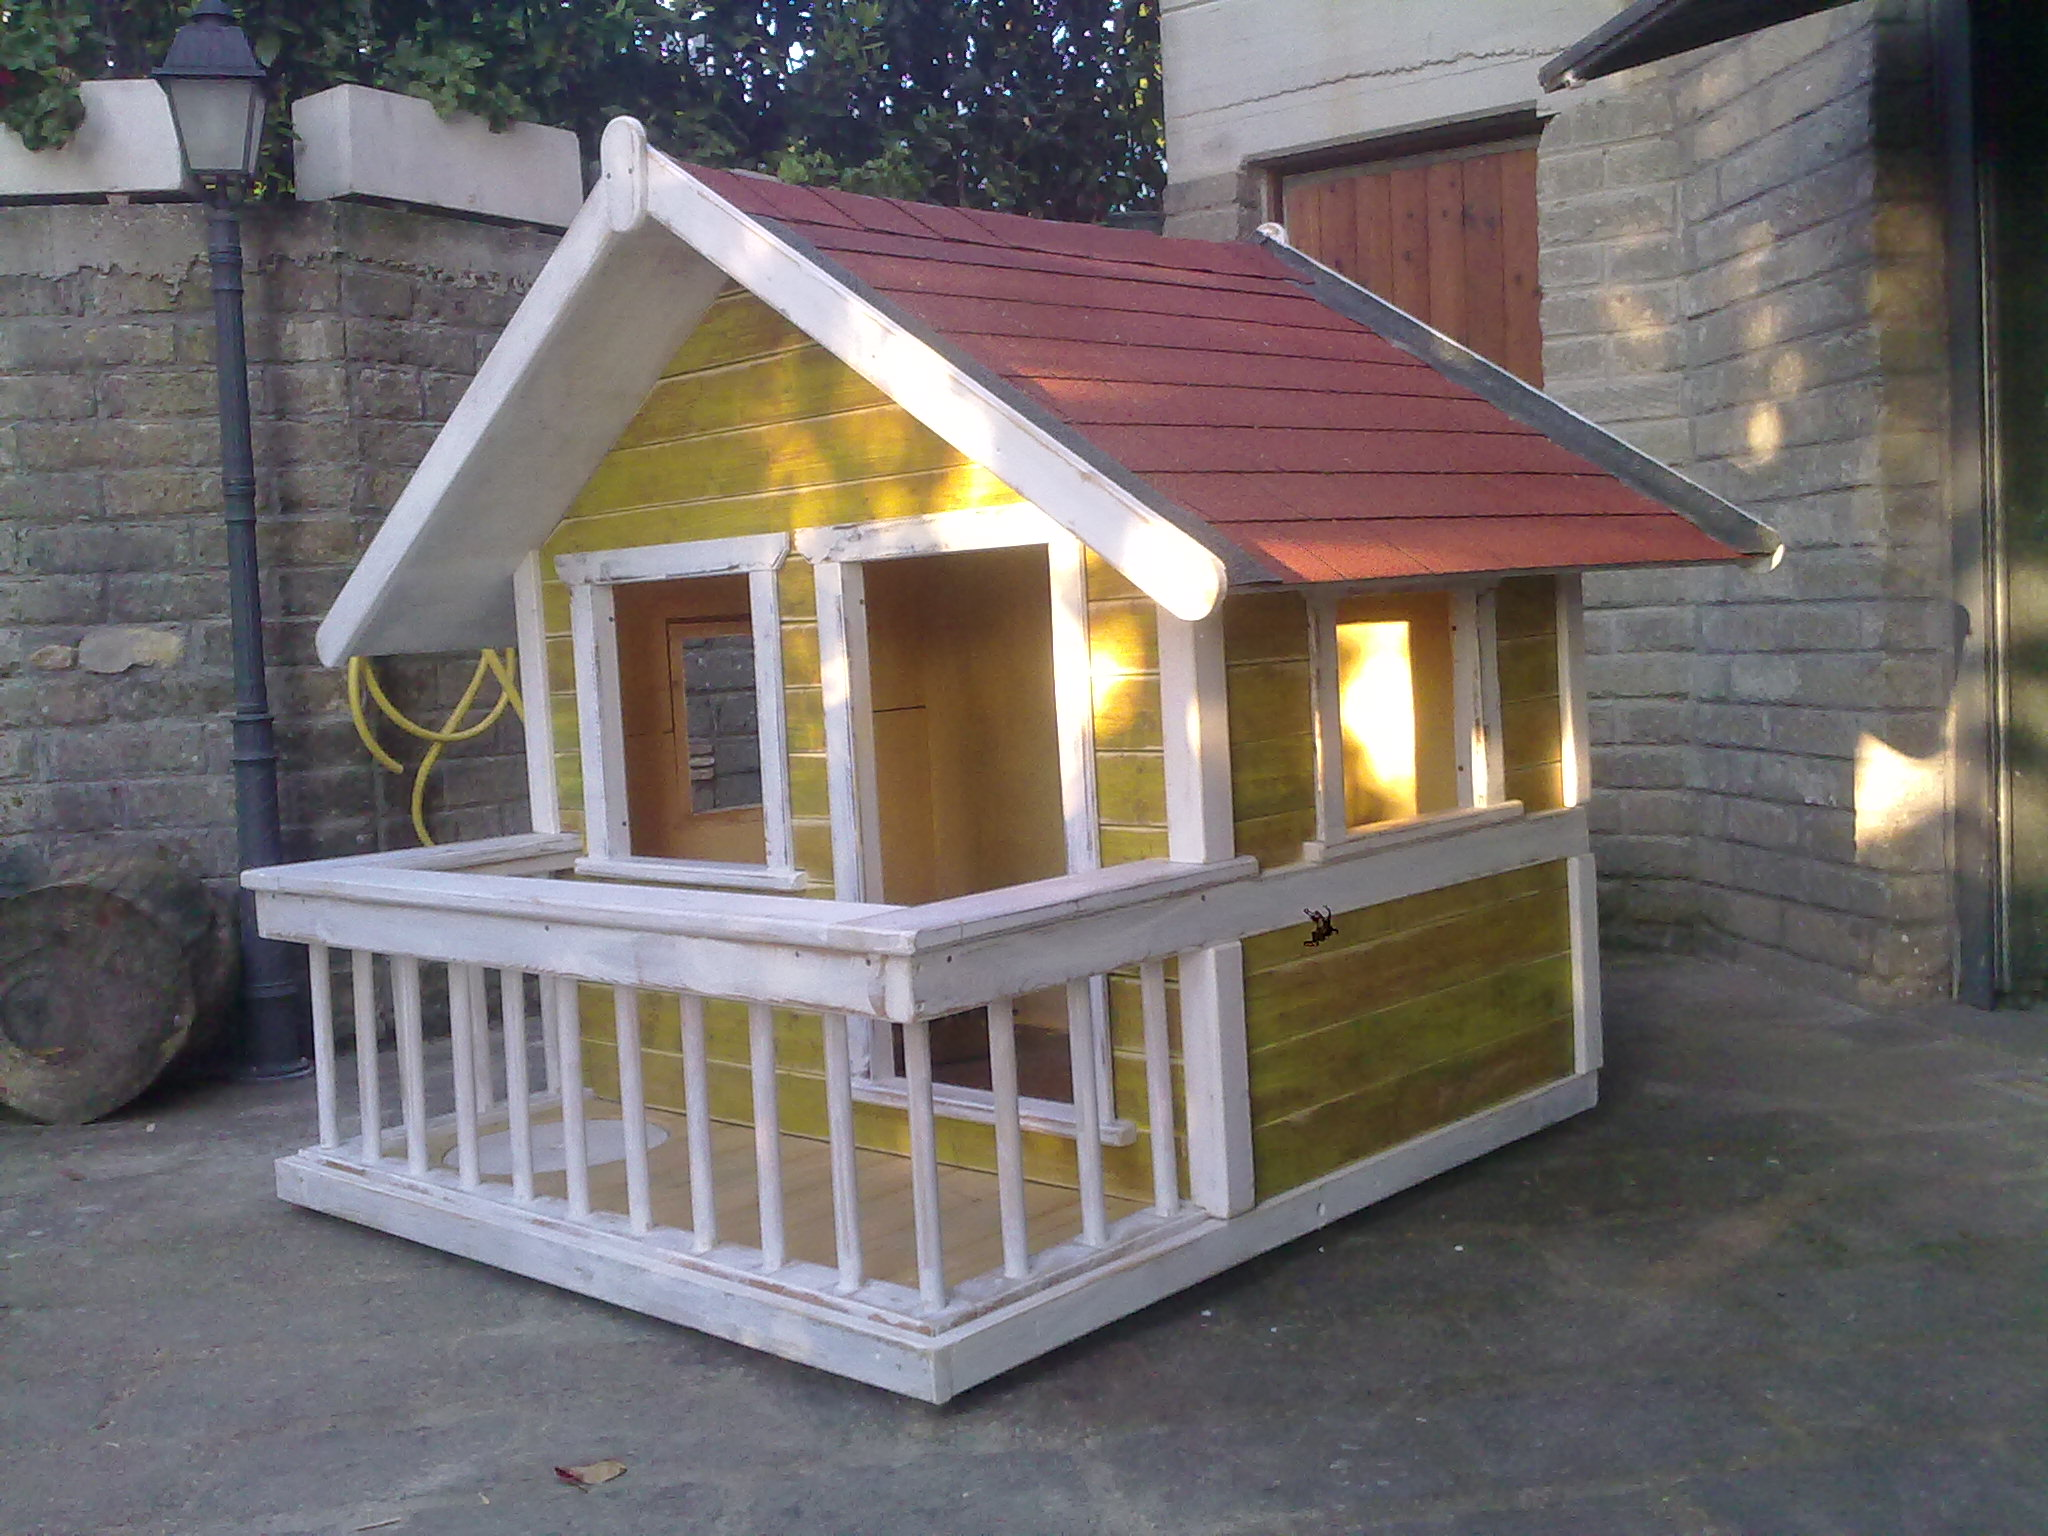 Costruire una casetta sull 39 albero - Casa sull albero da costruire ...